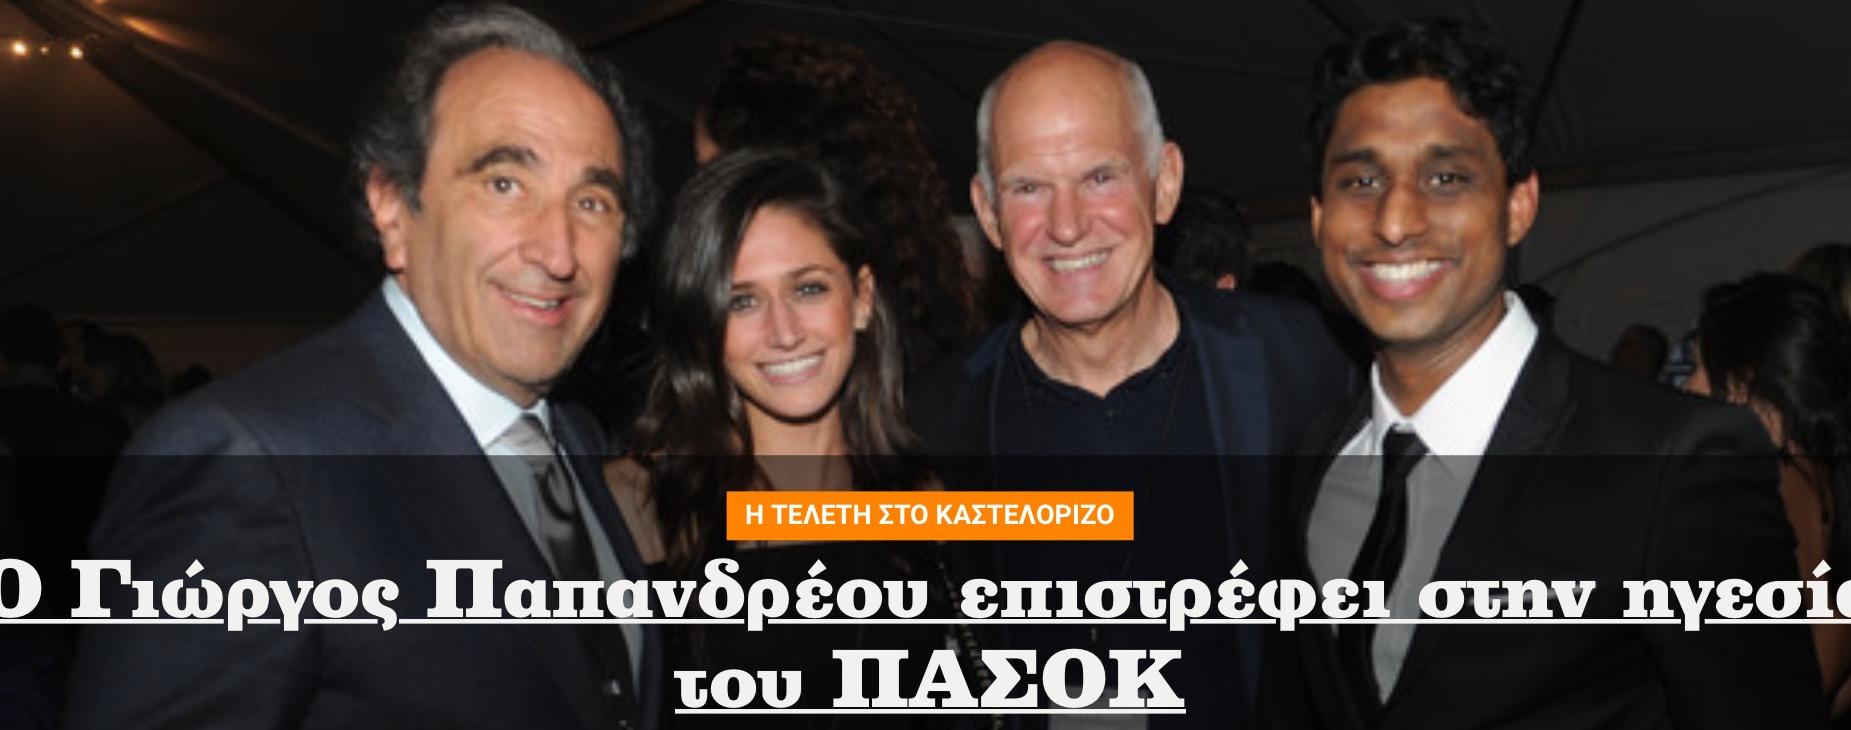 Ο Γιώργος Παπανδρέου επιστρέφει στην ηγεσία του ΠΑΣΟΚ